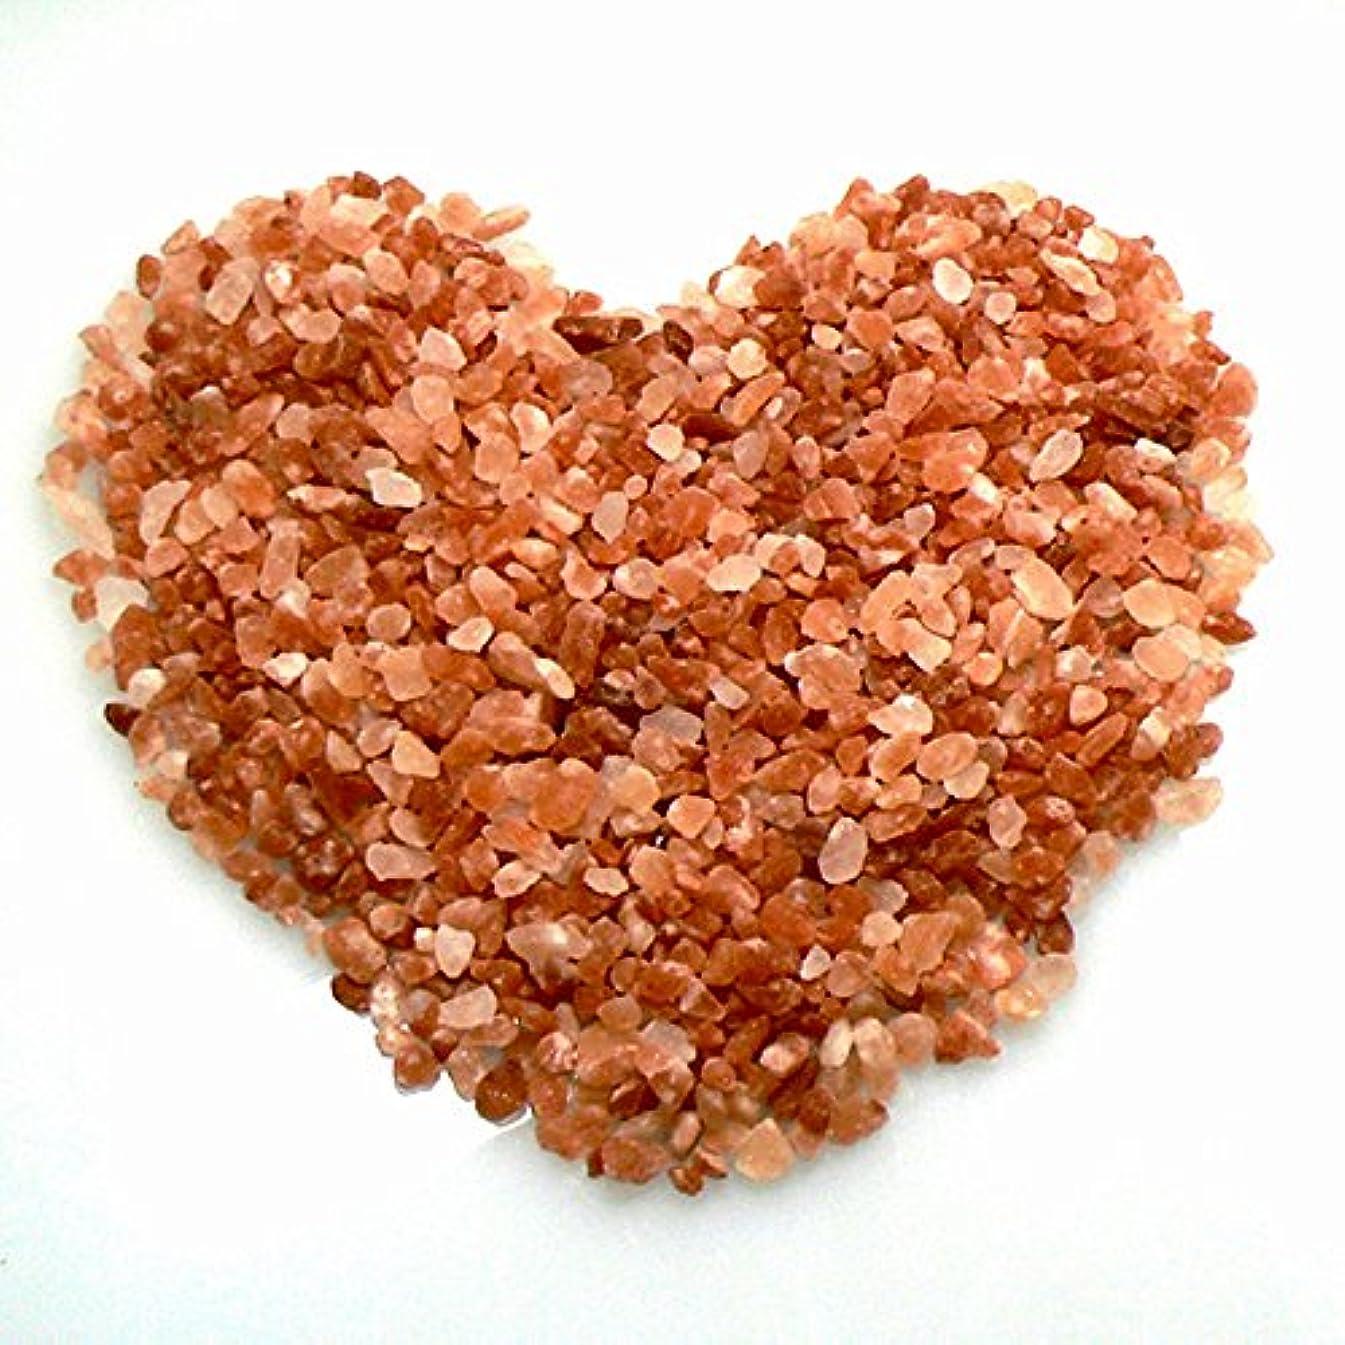 文言王子タヒチヒマラヤ岩塩 ピンクソルト 入浴用 バスソルト(小粒)3kg ピンク岩塩